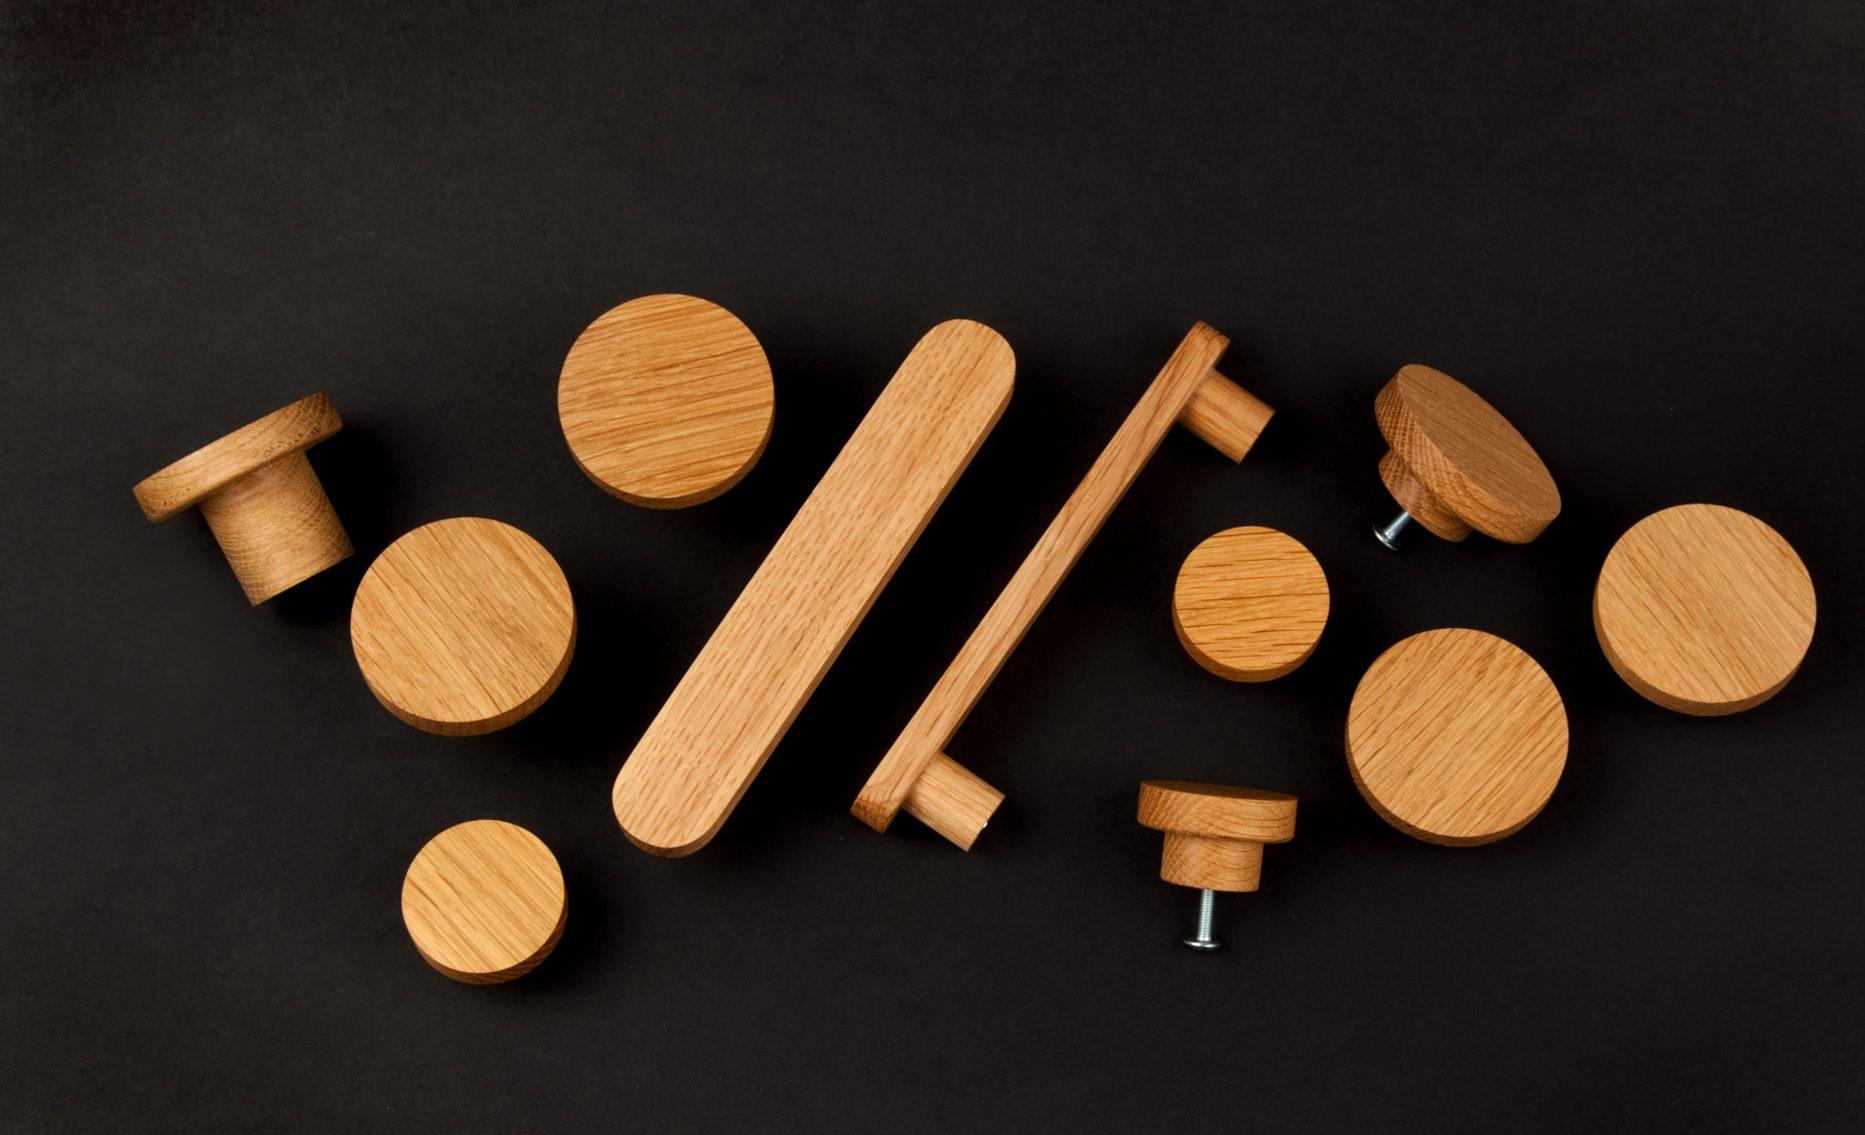 Drewniane uchwyty do mebli i gałki - kolekcja BASIC